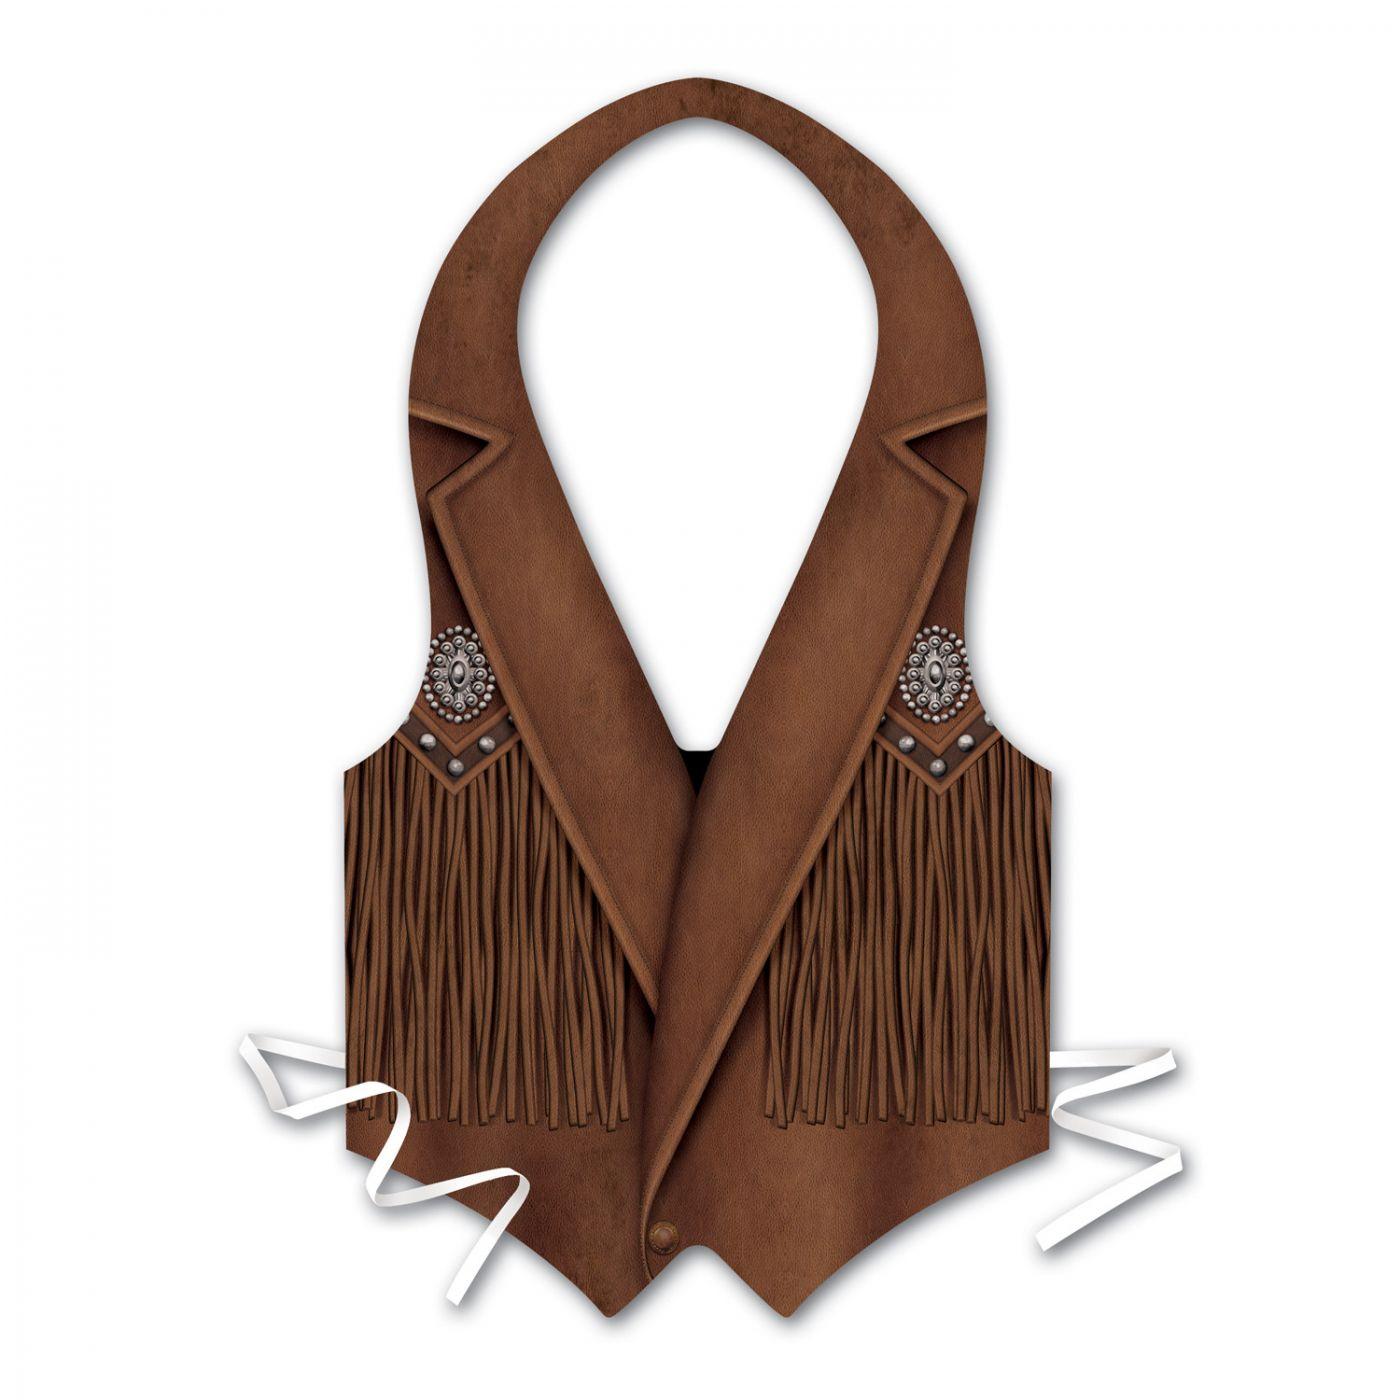 Plastic Cowboy Vest (24) image